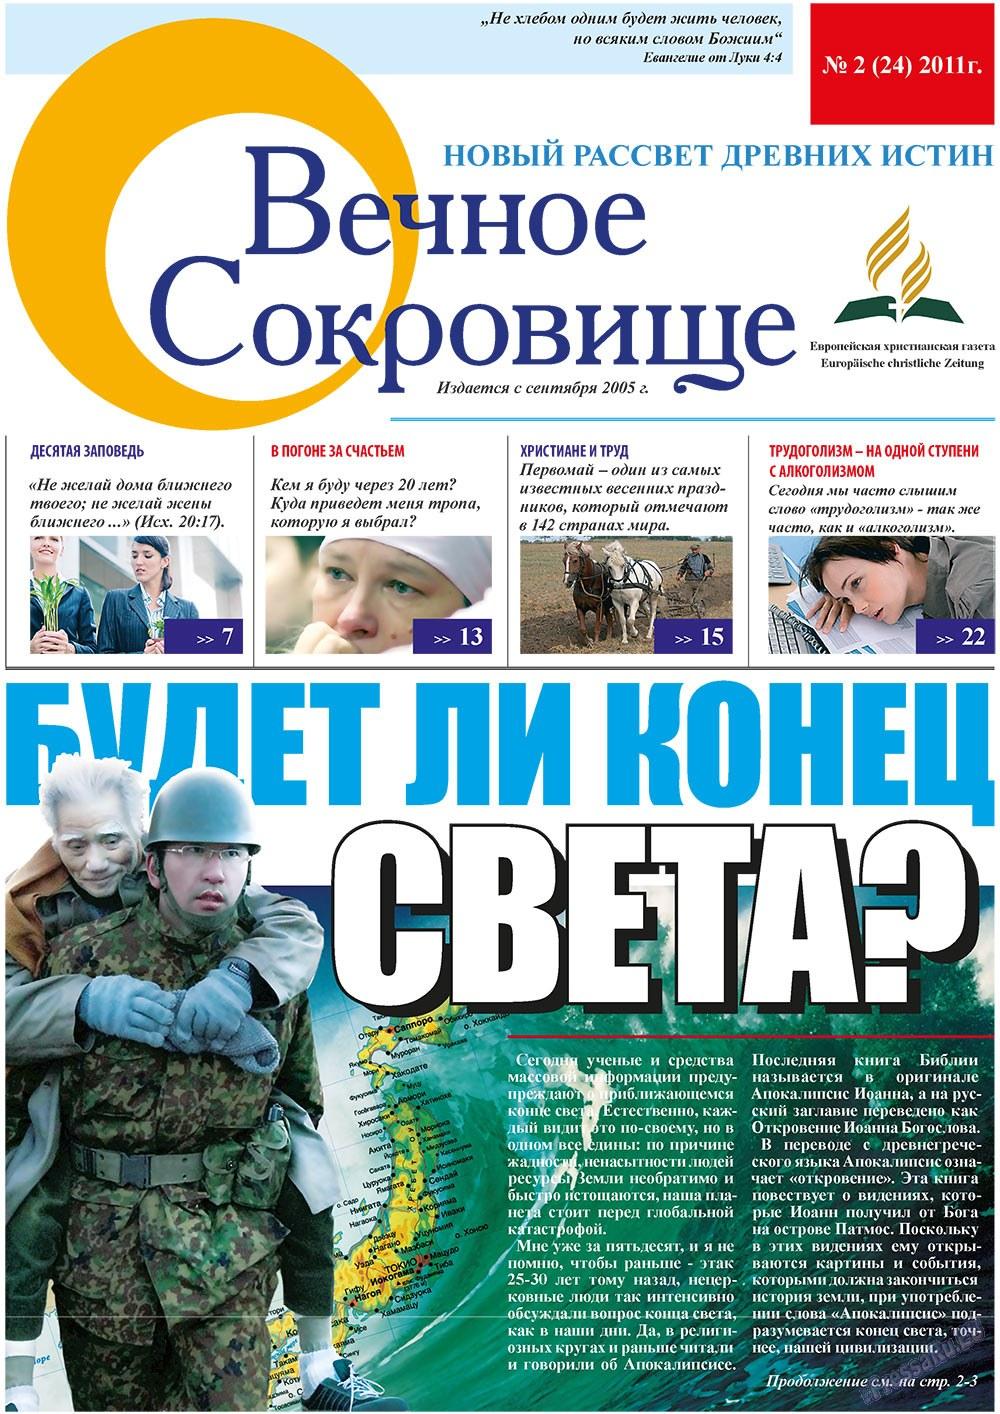 Вечное сокровище (газета). 2011 год, номер 2, стр. 1